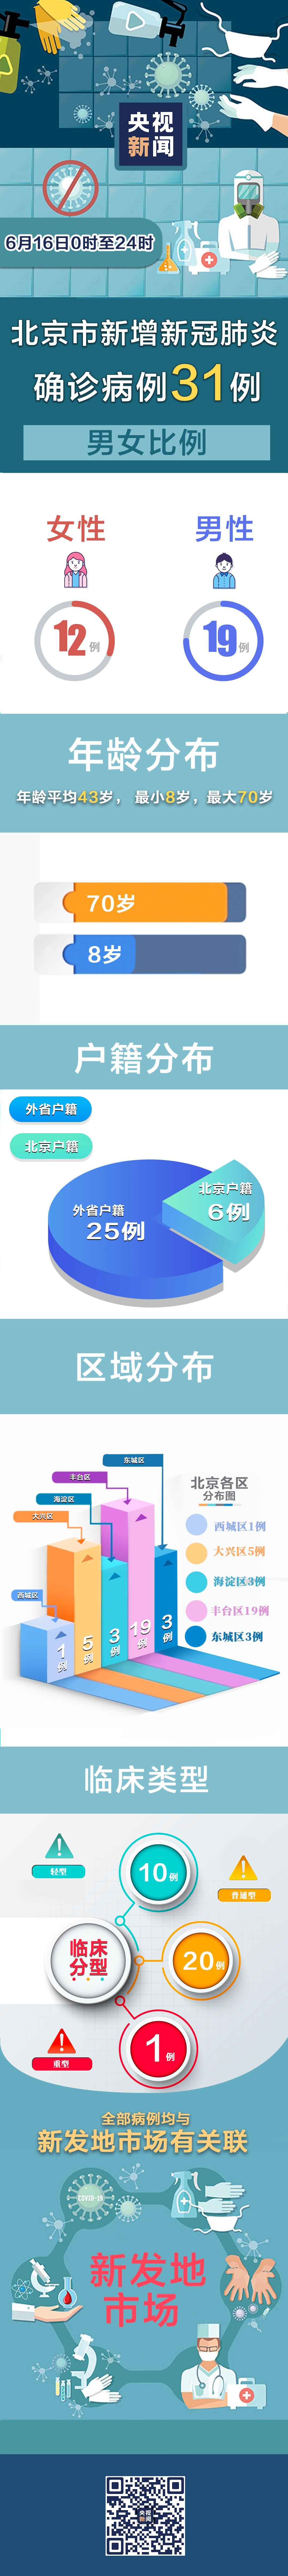 杏悦一图带你看懂16日北京新增病例详情杏悦图片